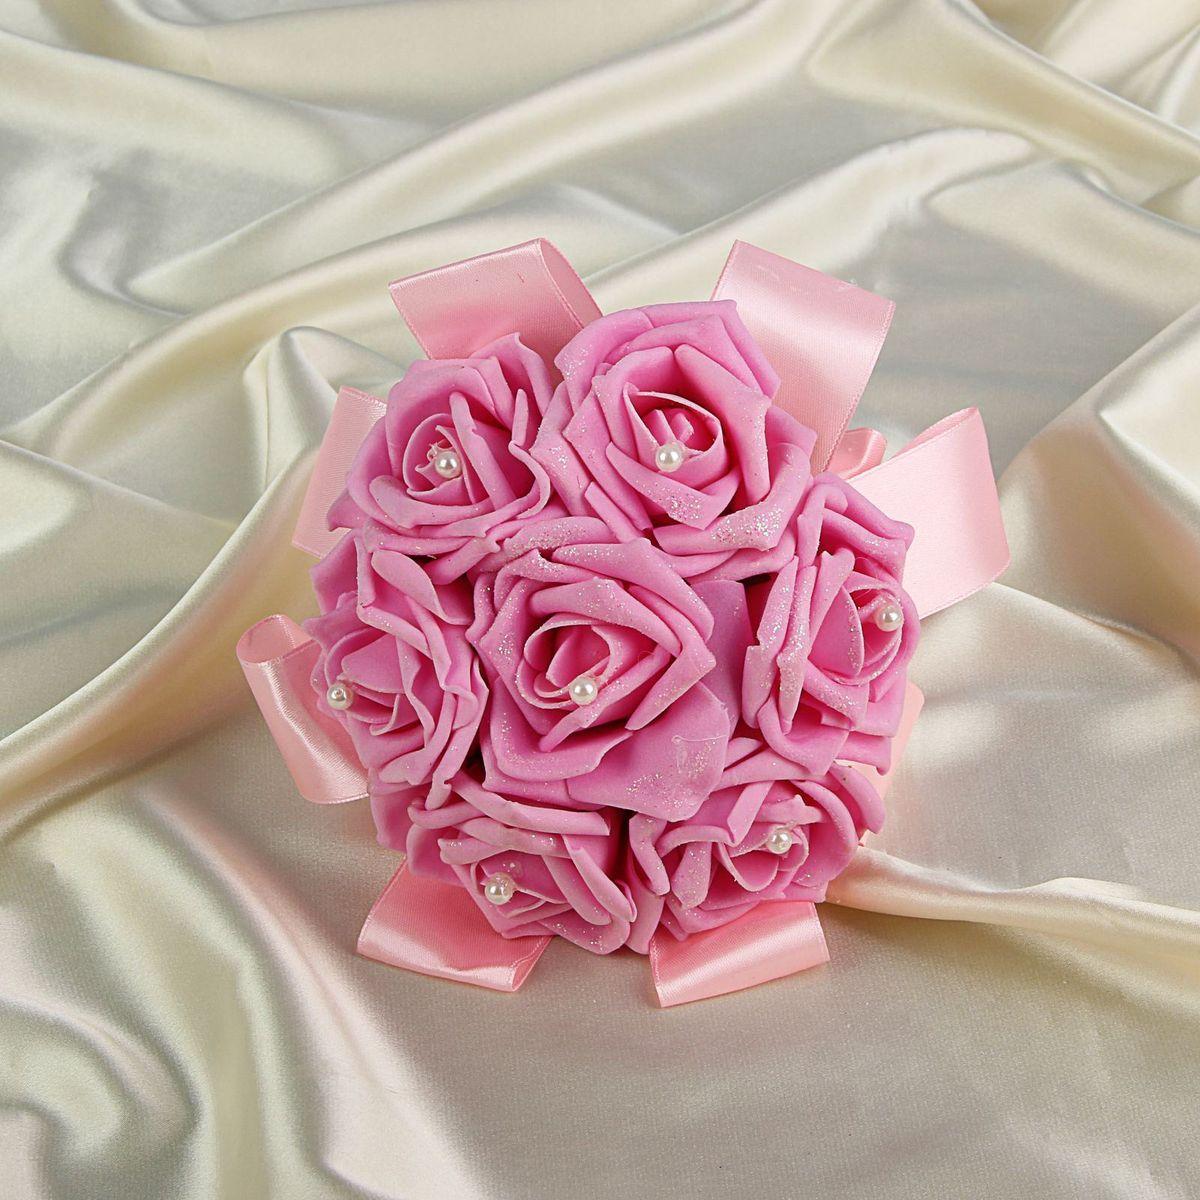 Букет-дублер Sima-land, цвет: розовый. 12628231262823Добавьте в интерьер частичку весны! Дублер букета невесты с розами премиум розовый 7 шт будет радовать неувядающей красотой не один год. Просто поставьте его в вазу или создайте пышную композицию. Искусственные растения не требуют поливки, особого освещения и другого специального ухода. Они украсят любое помещение (например, ванную с повышенной влажностью или затемнённый коридор). Дом становится уютным благодаря мелочам. Преобразите интерьер, а вместе с ним улучшится и настроение!